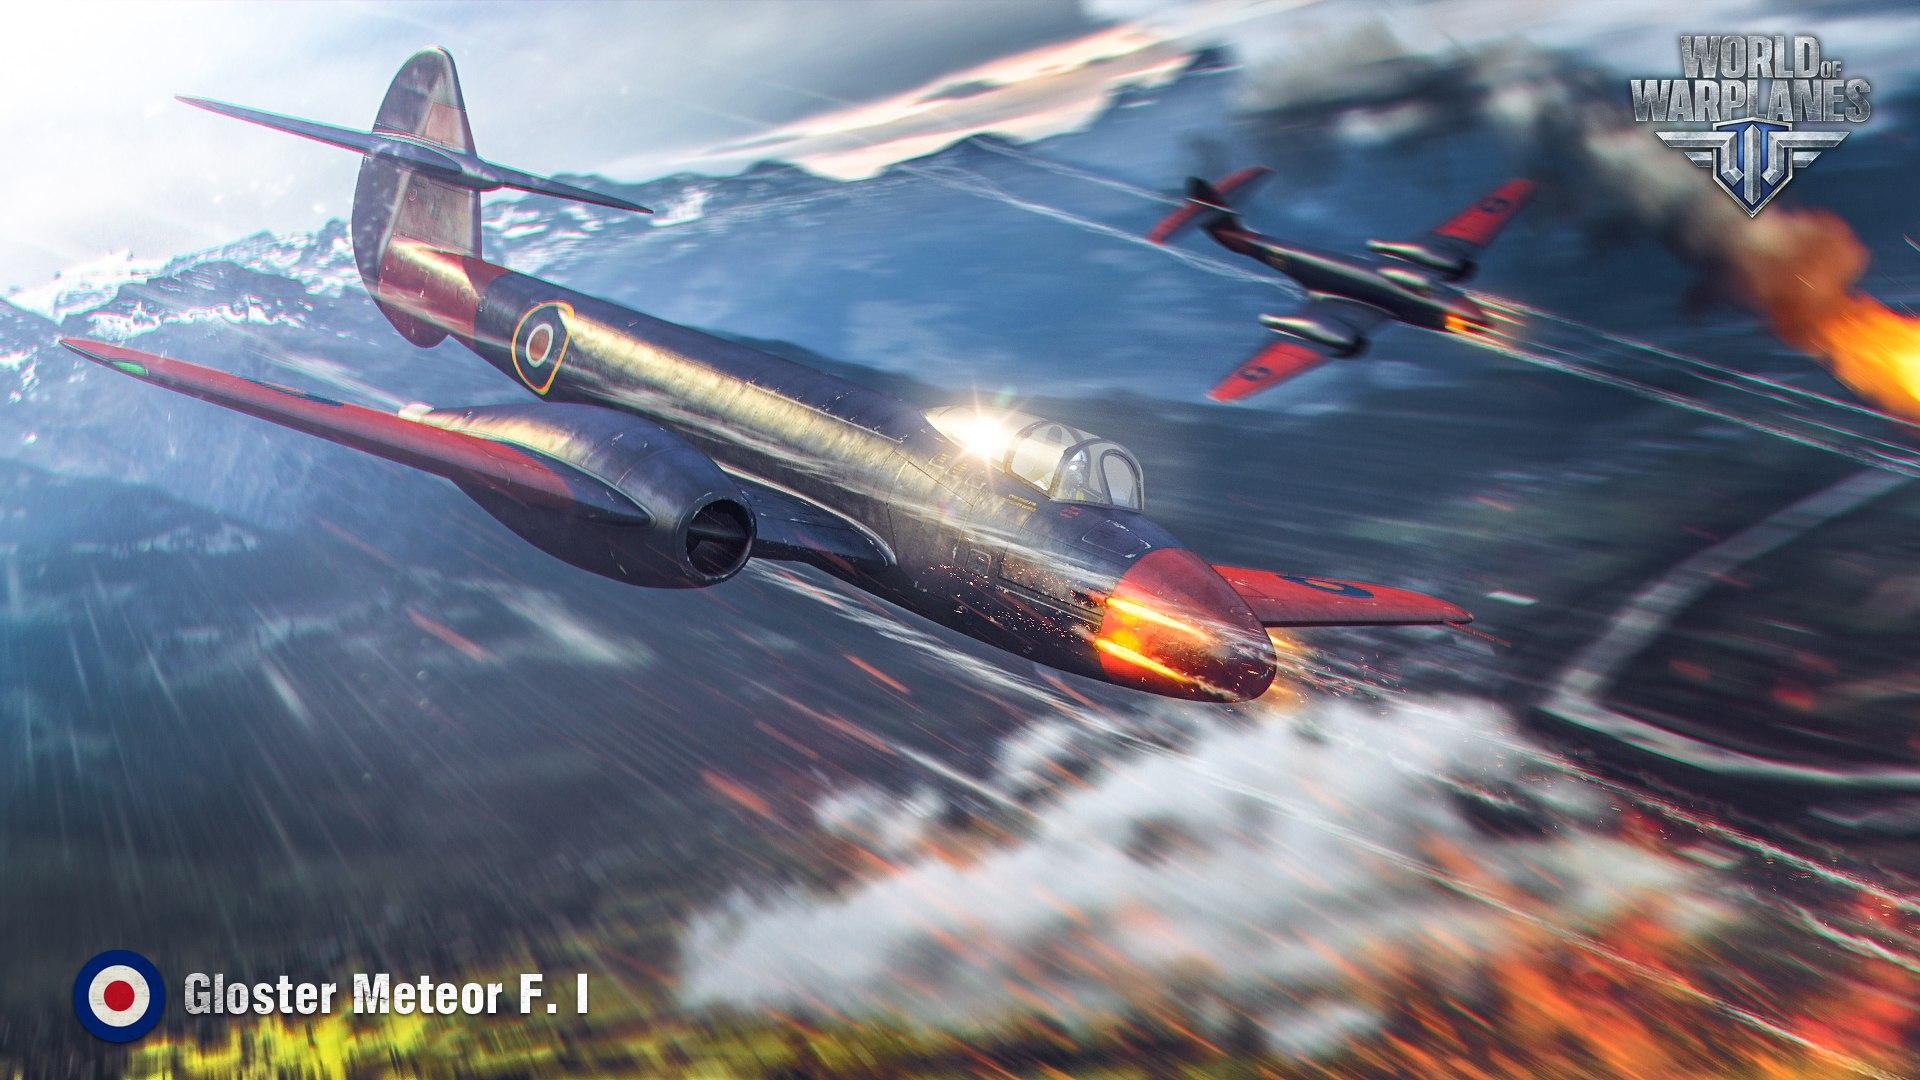 рисунок Gloster Meteor F.1